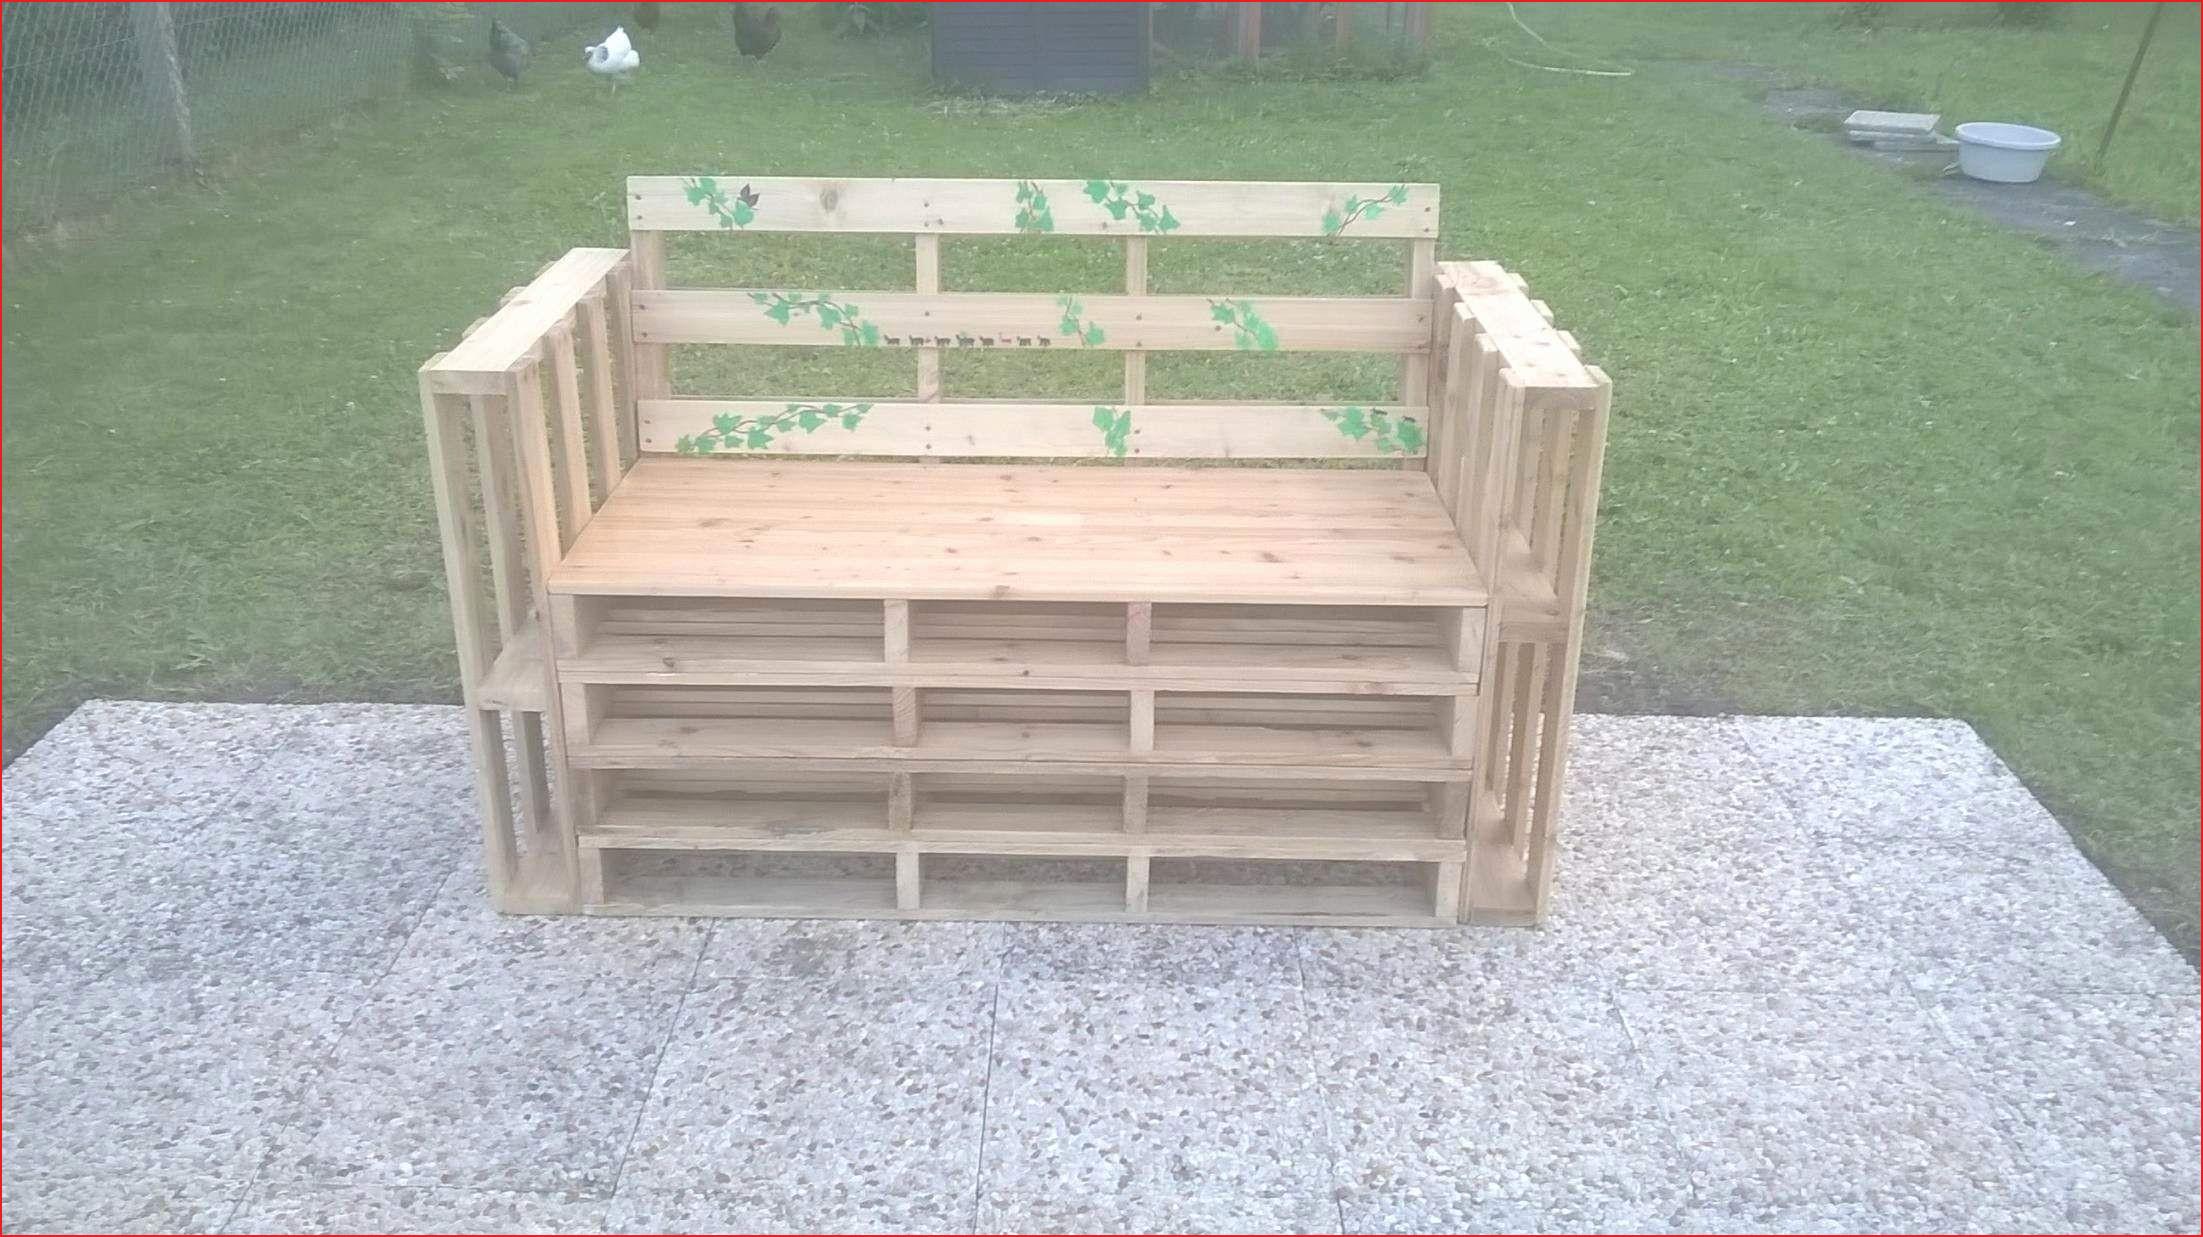 banc pour jardin acheter banc de jardin aussi coffre banc bois banquette coffre bois of banc pour jardin